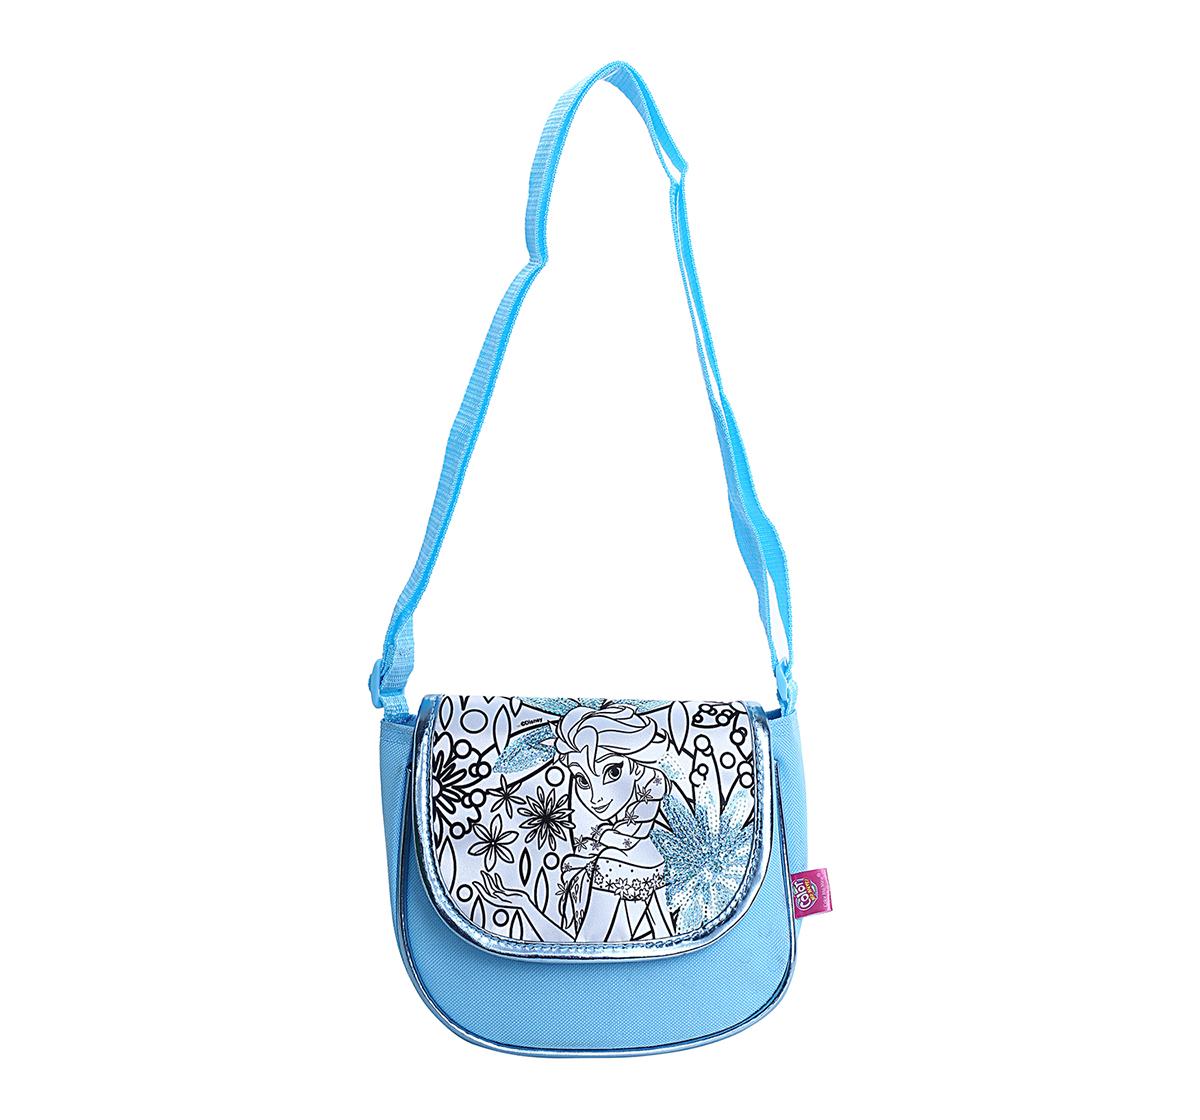 Disney   Disney Simba Color Me Mine Spring Sequin Bag - Frozen, Blue DIY Art & Craft Kits for Kids age 6Y+